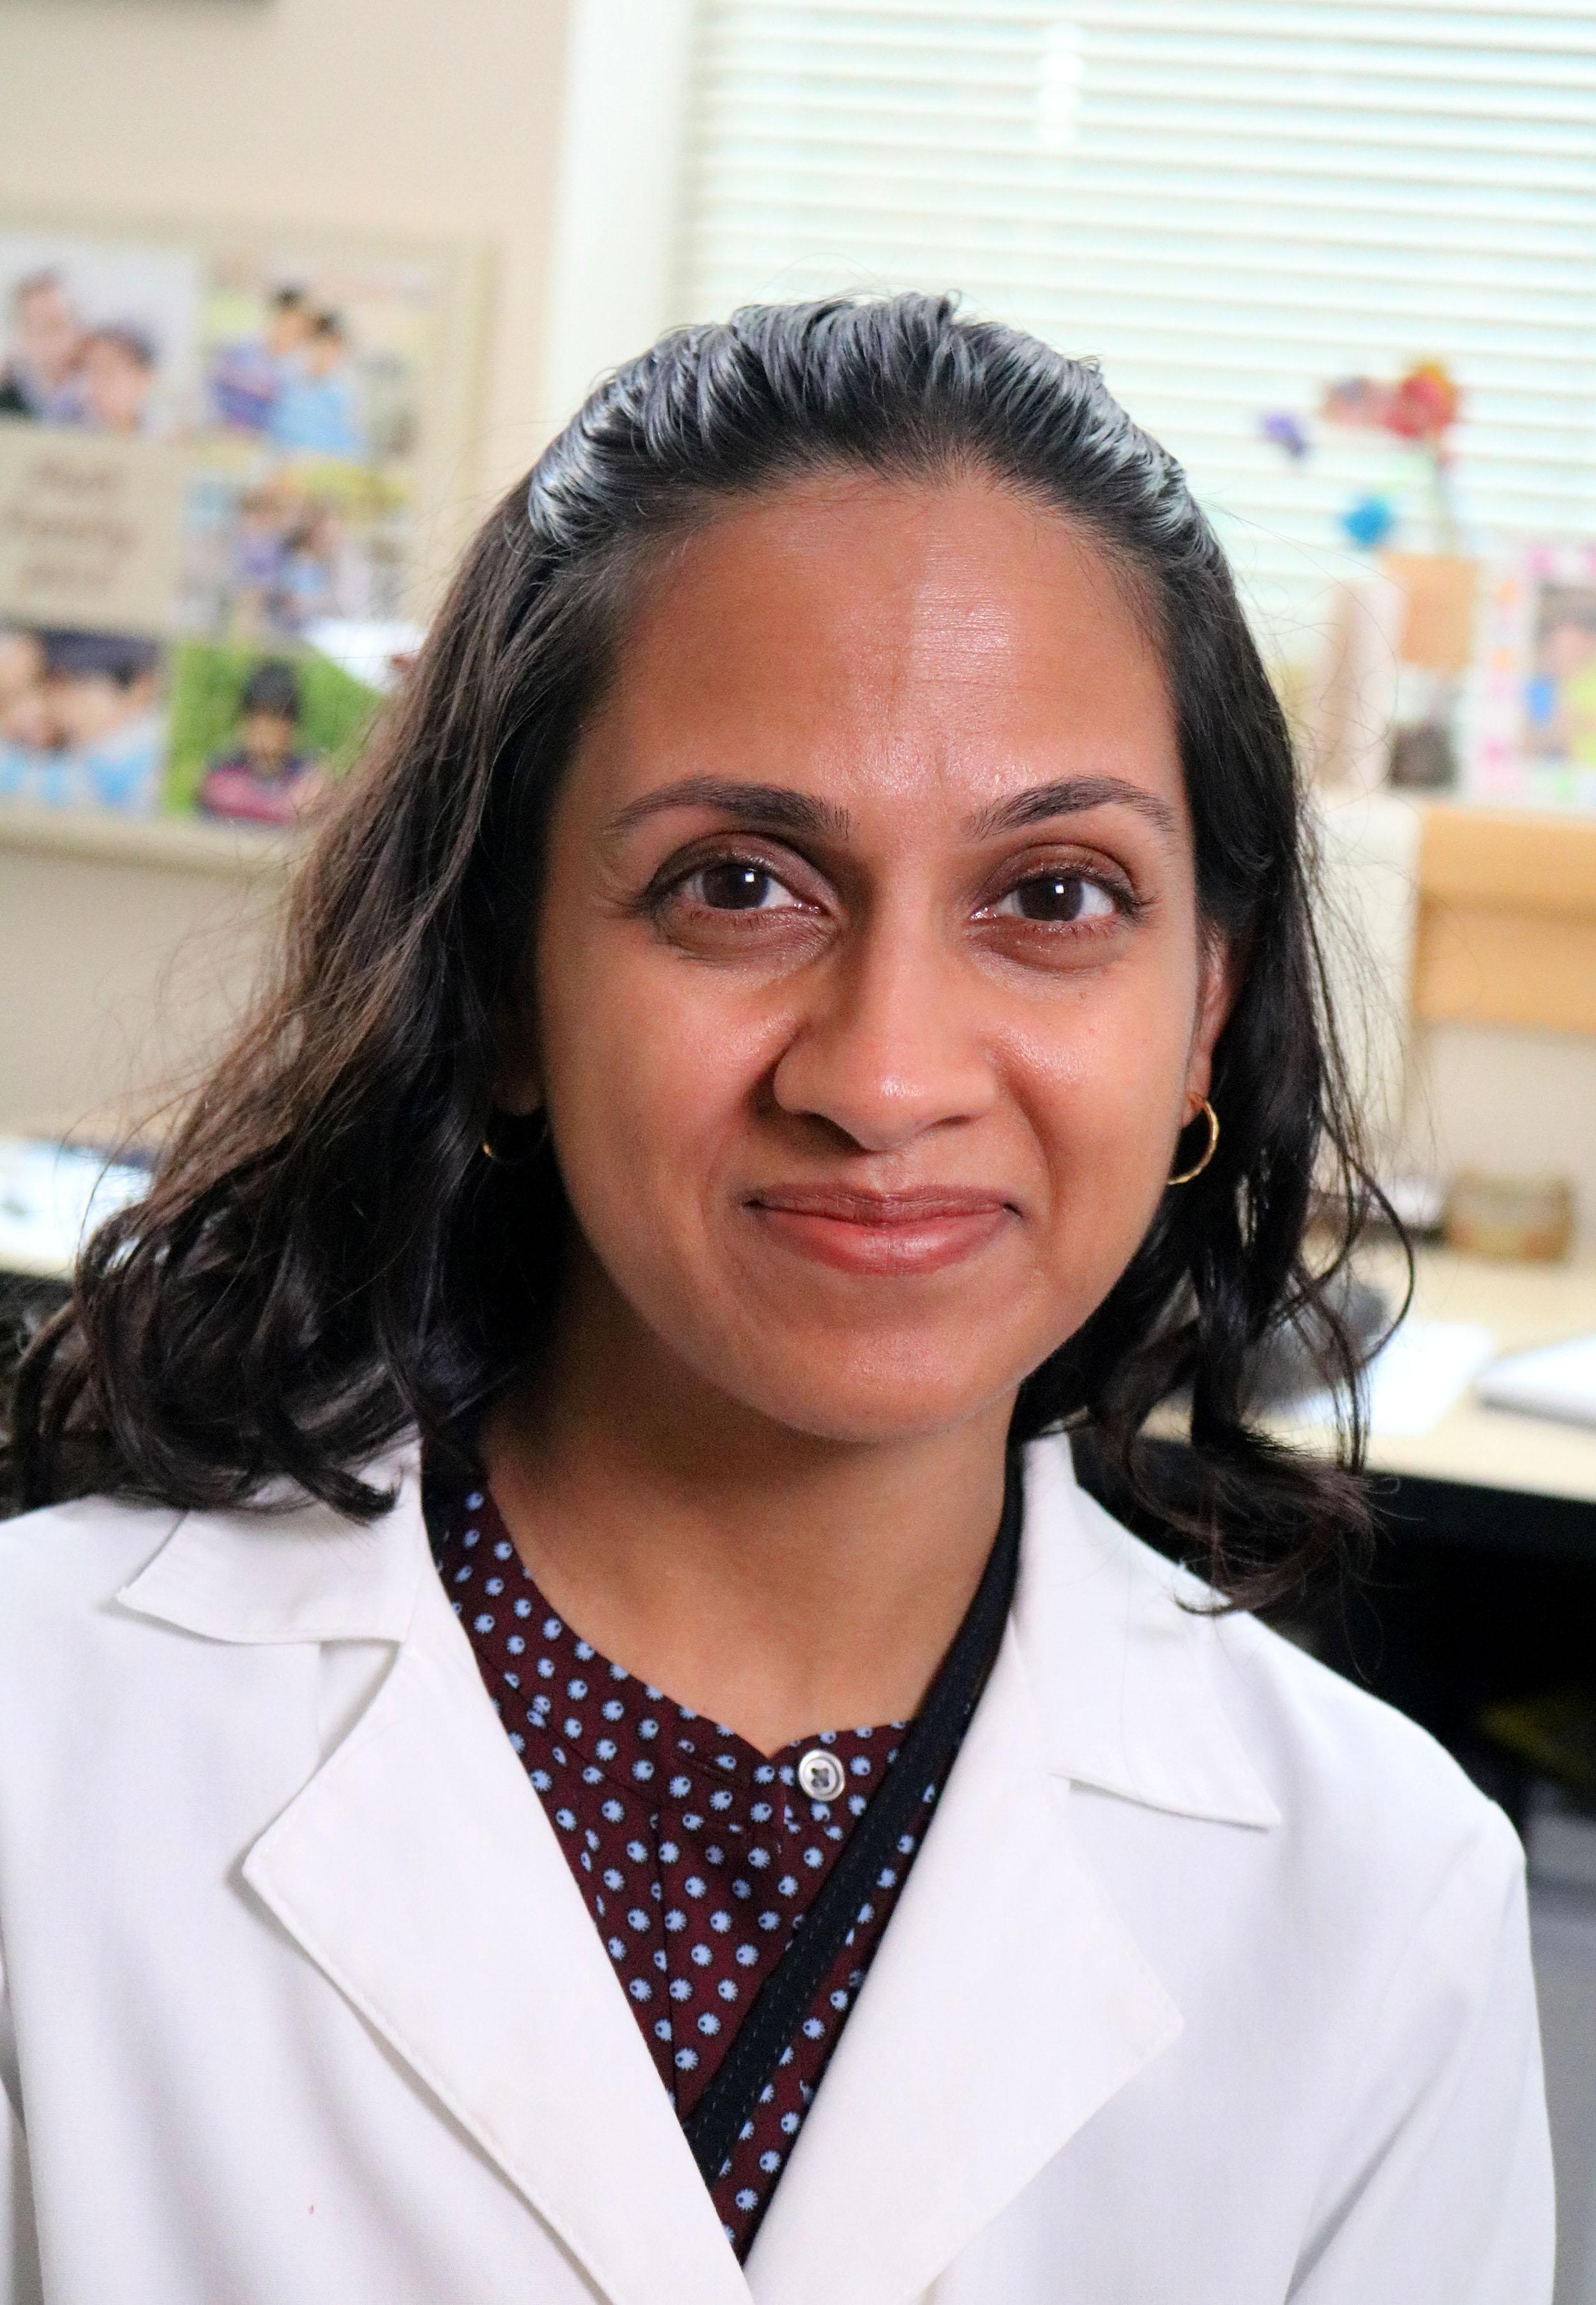 Dr. Nirali Shah